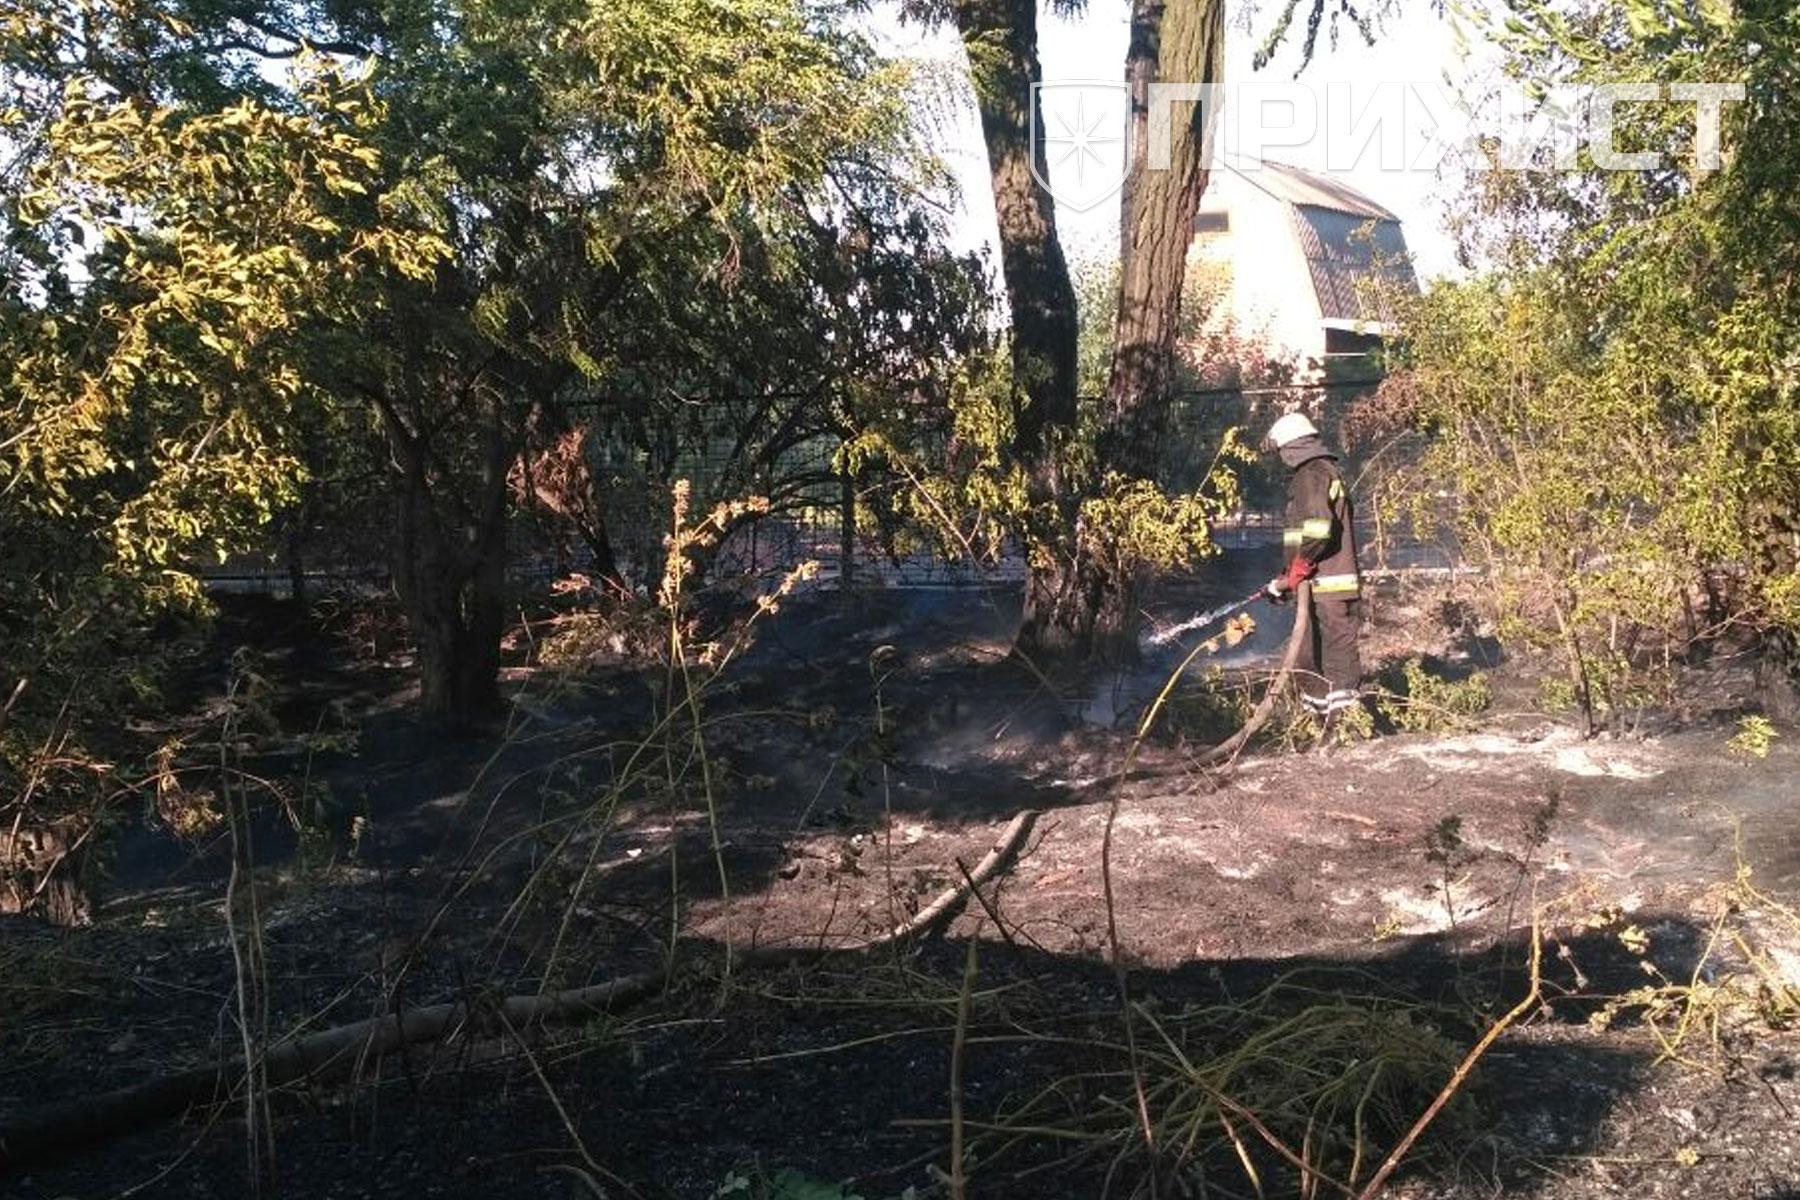 За сутки в области зарегистрированно 58 пожаров в экосистемах | Прихист